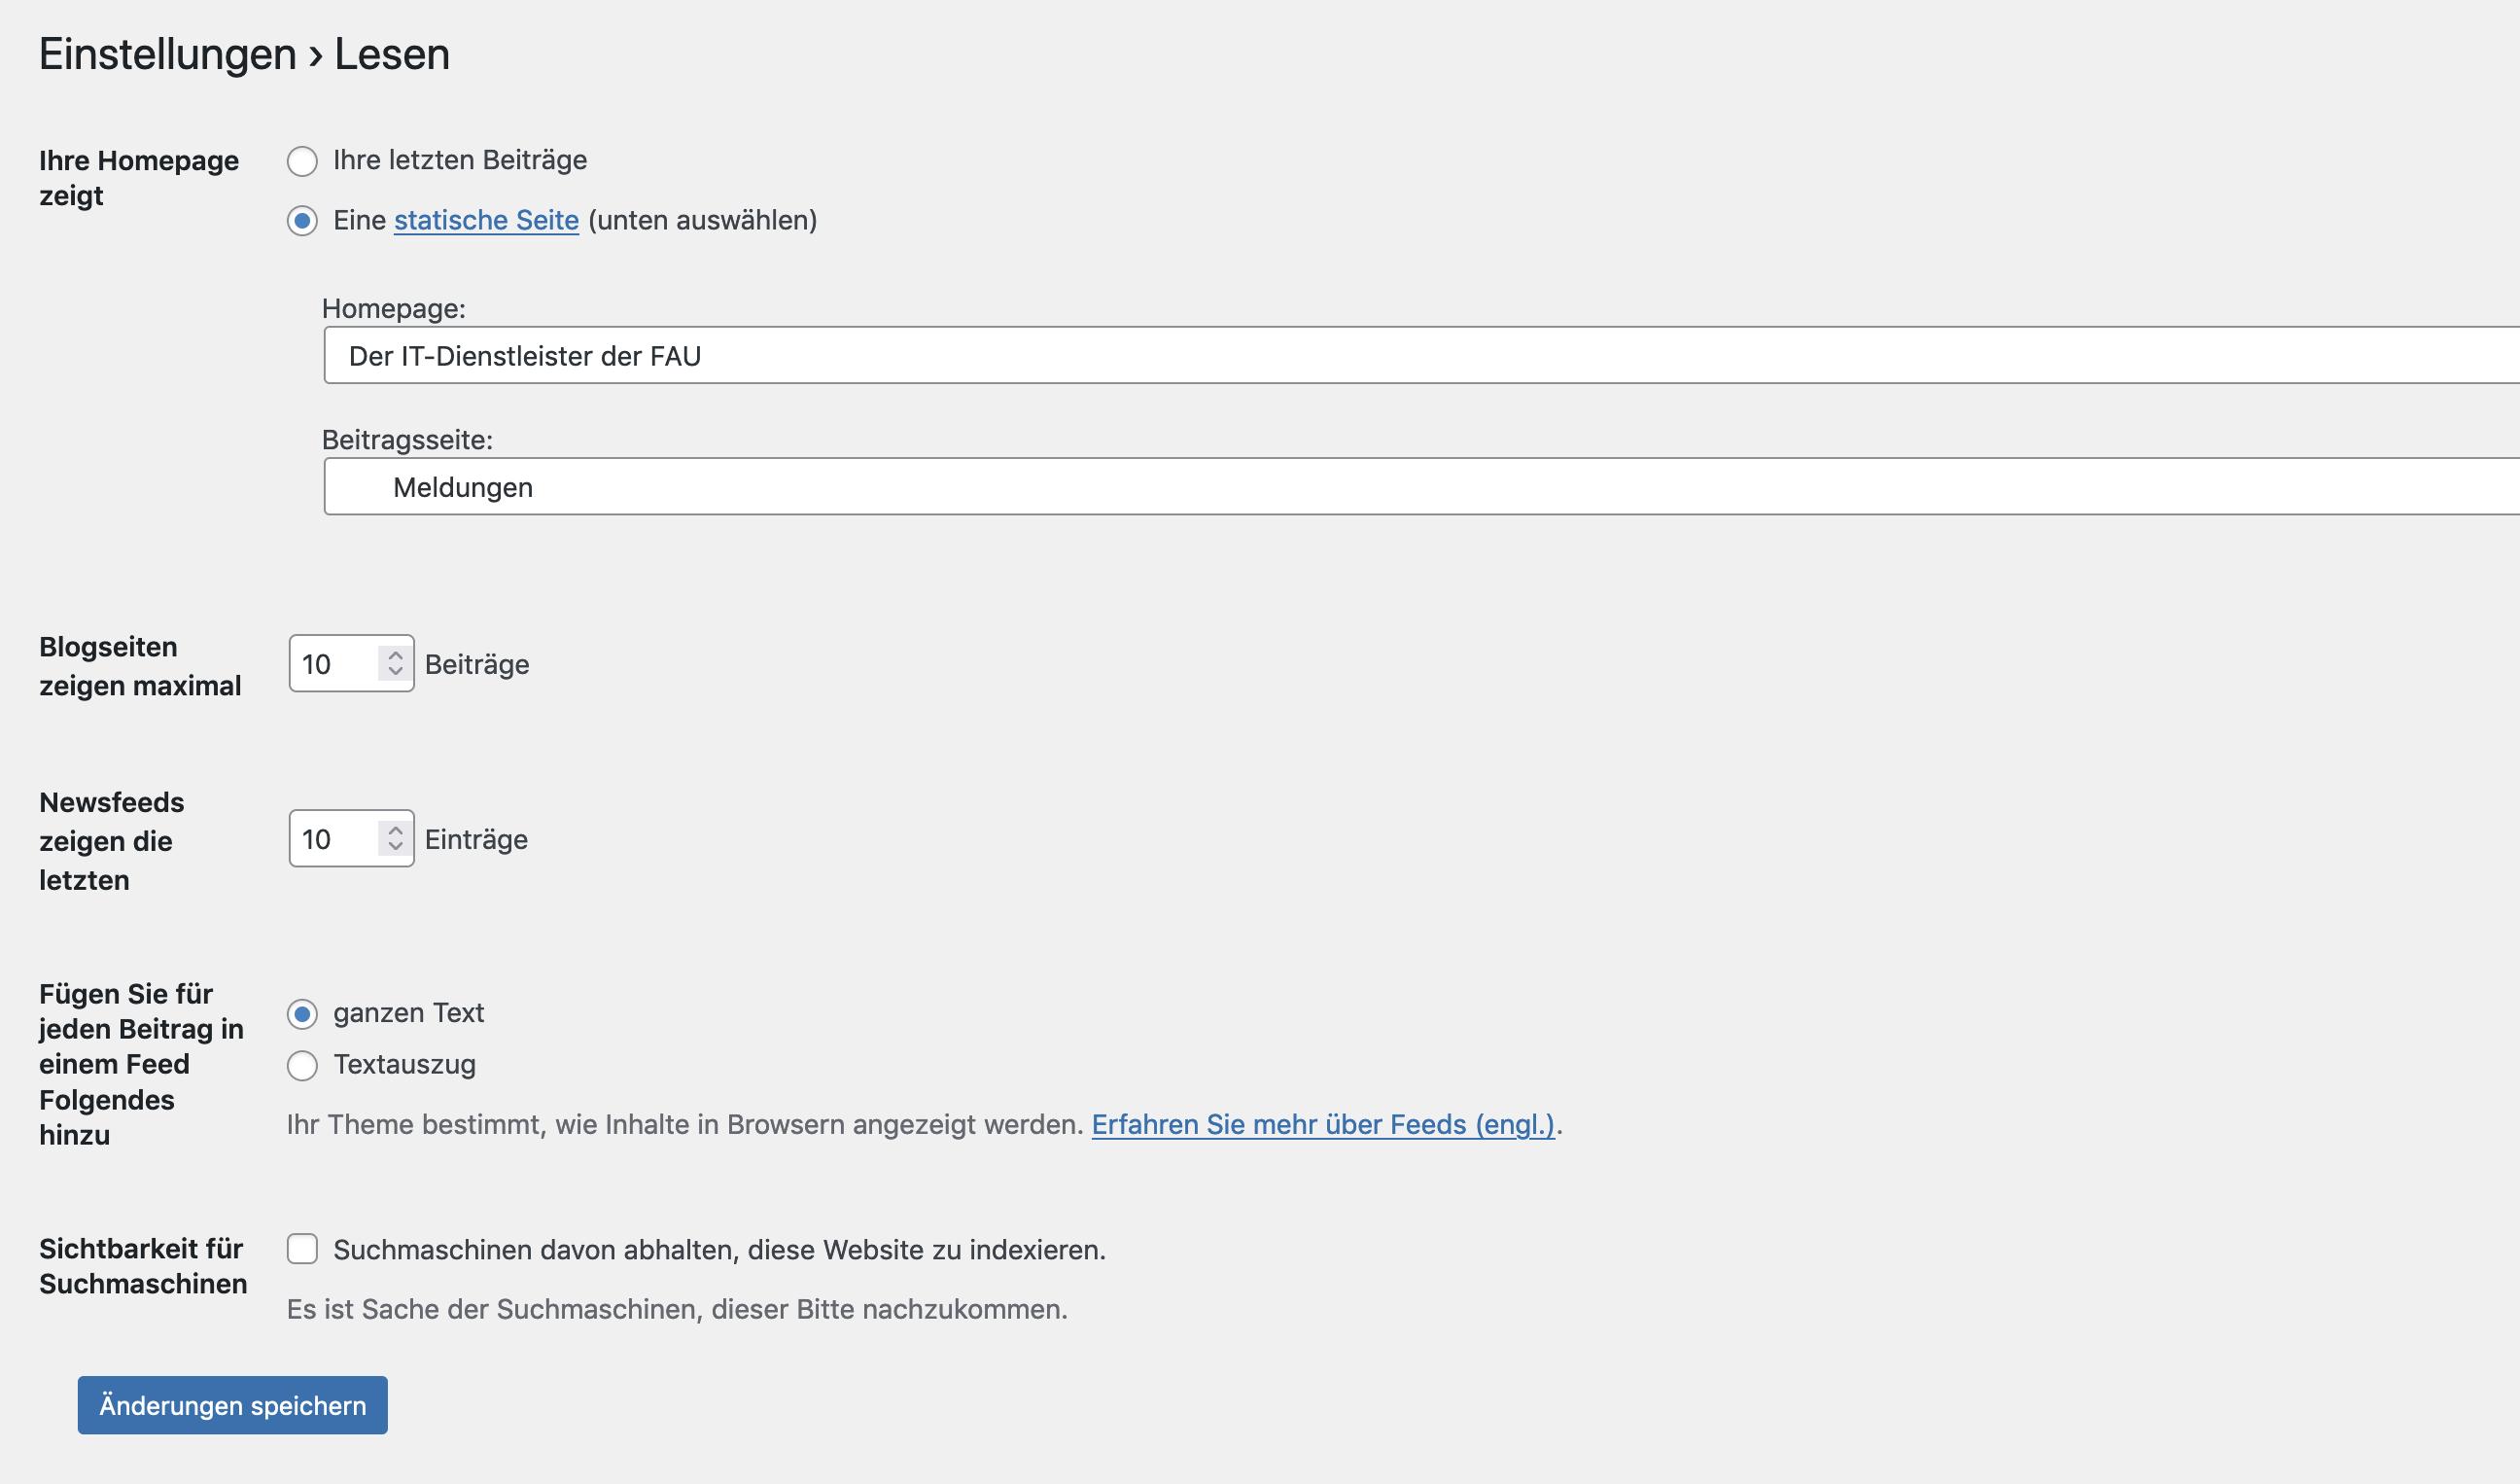 In WordPress die Sichtbarkeit für Suchmaschinen einstellen